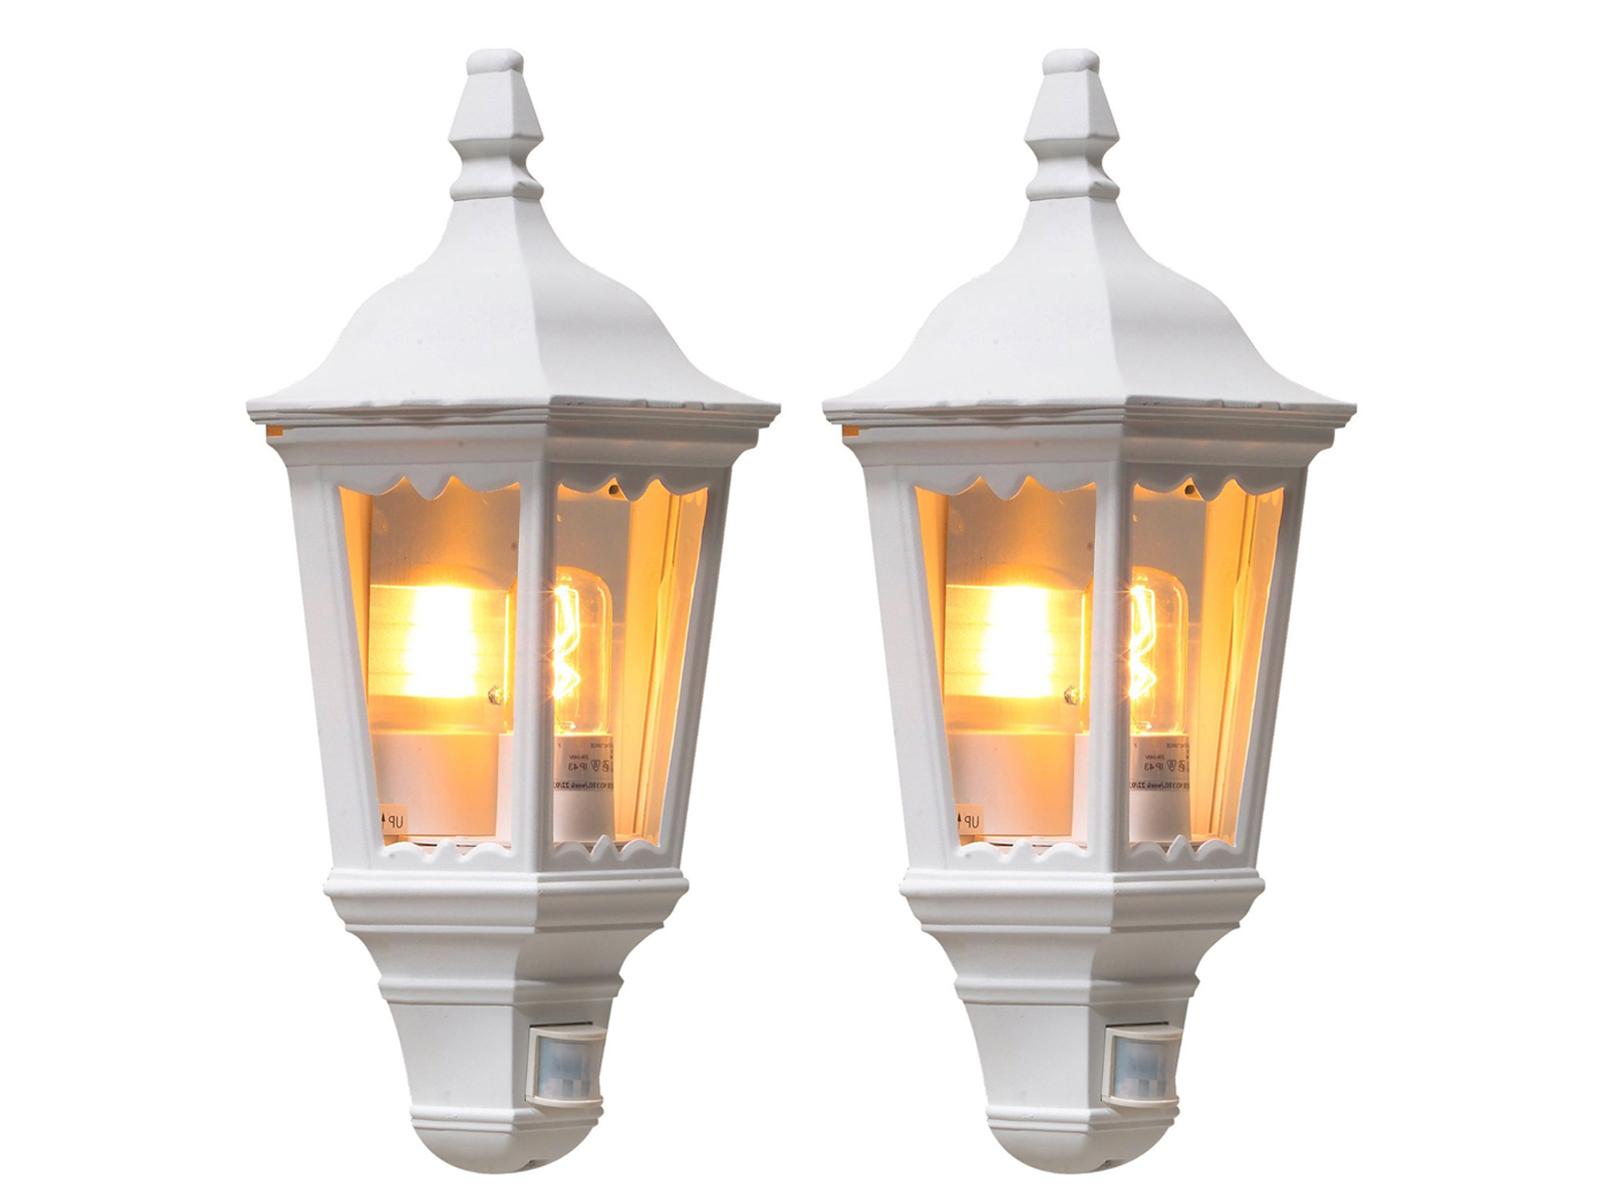 2er-set LAMPADE bianco con rilevatore di movimento Firenze ip43